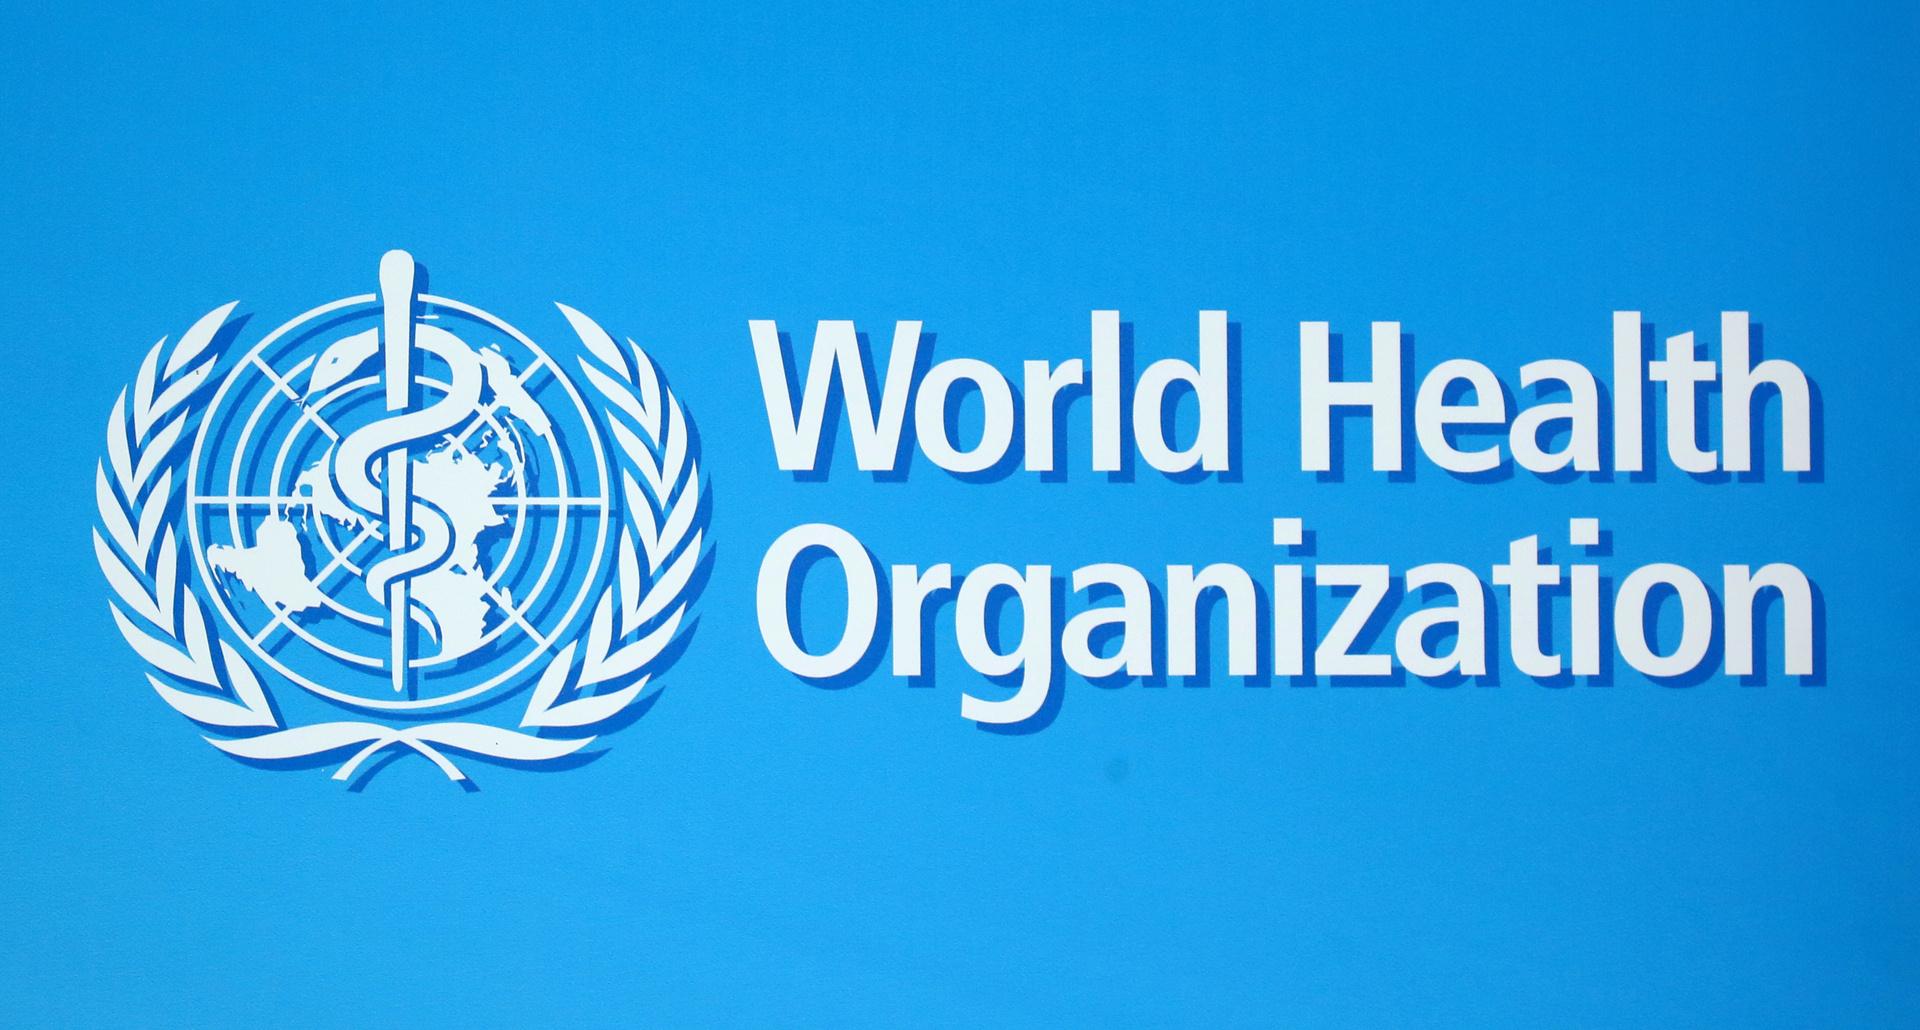 منظمة الصحة العالمية تدعو البشرية للاستعداد لوباء جديد